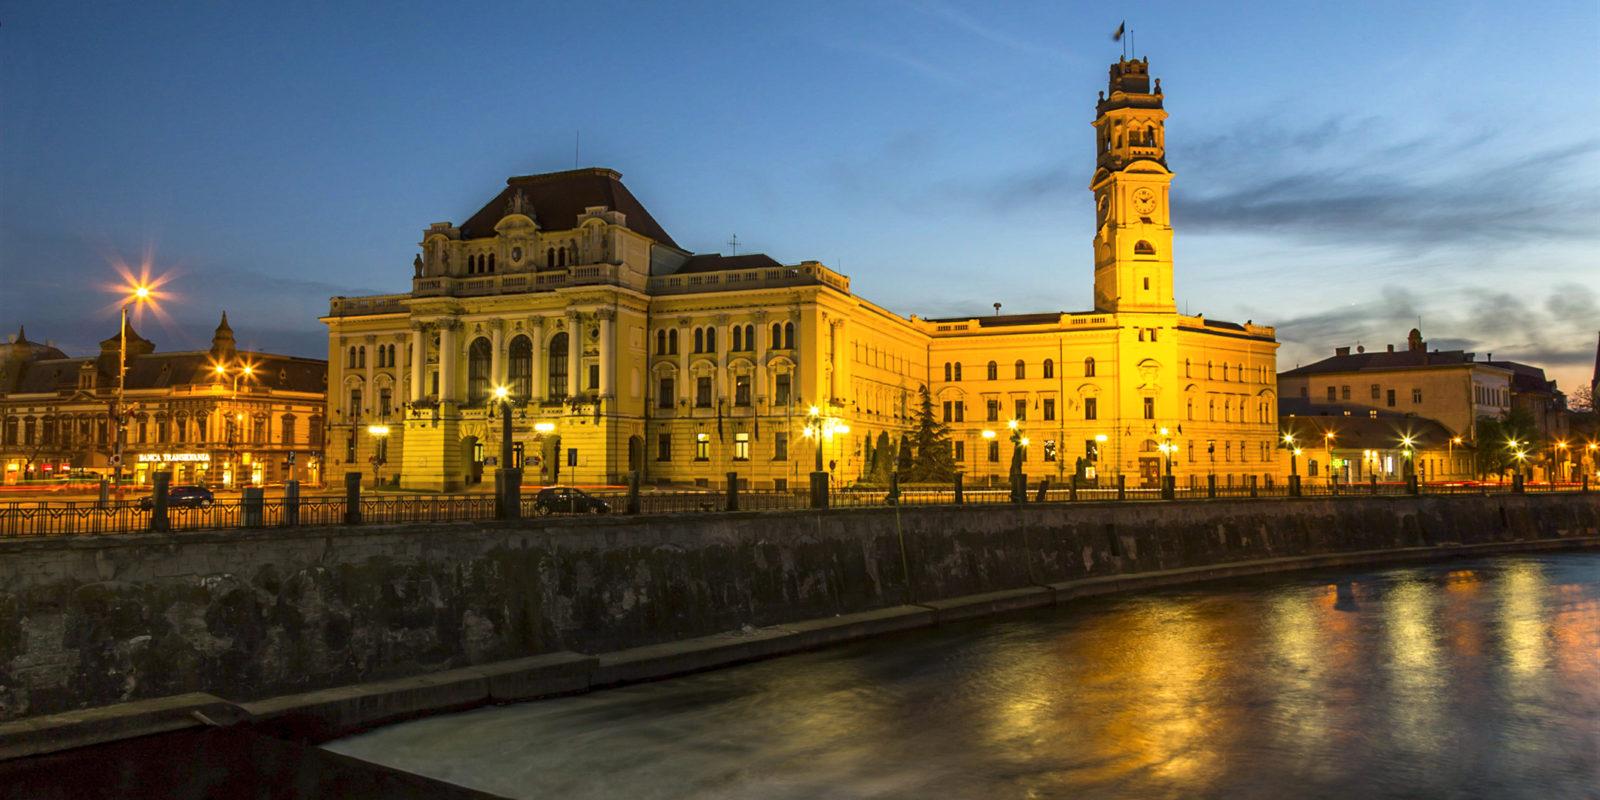 País_nvitado_FLM18_Rumanía_imagen3